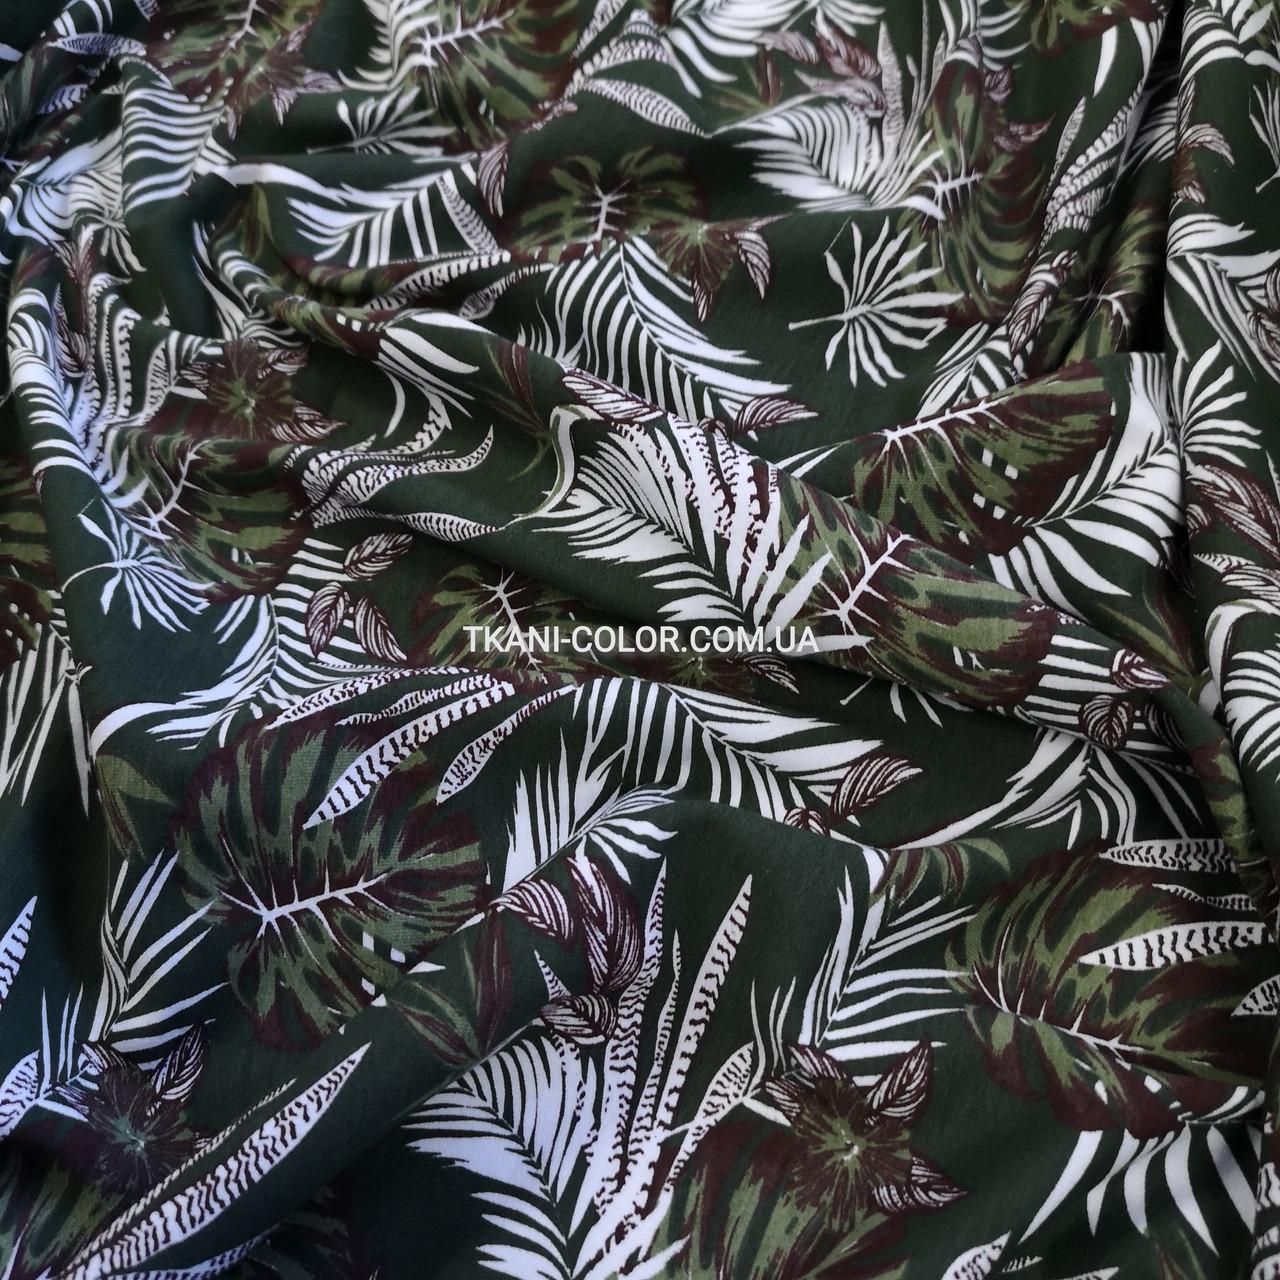 Футер двунитка принт Tropic хаки, Турция 180см